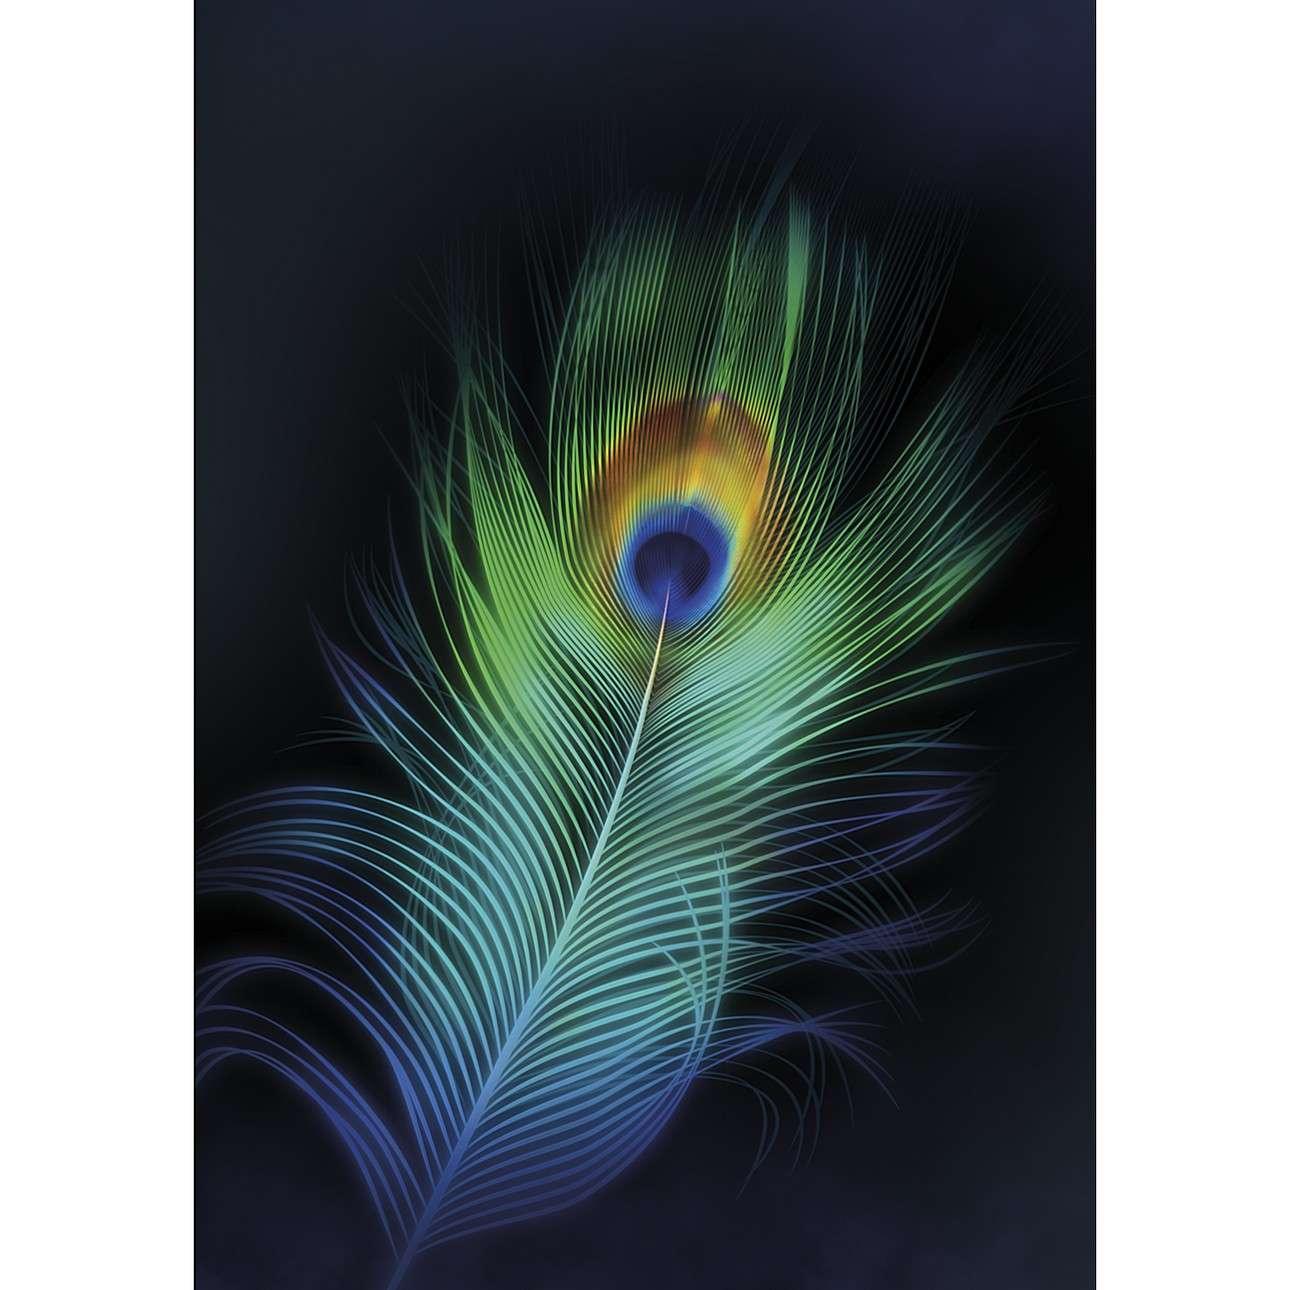 Leinwandbild Peacock Eye